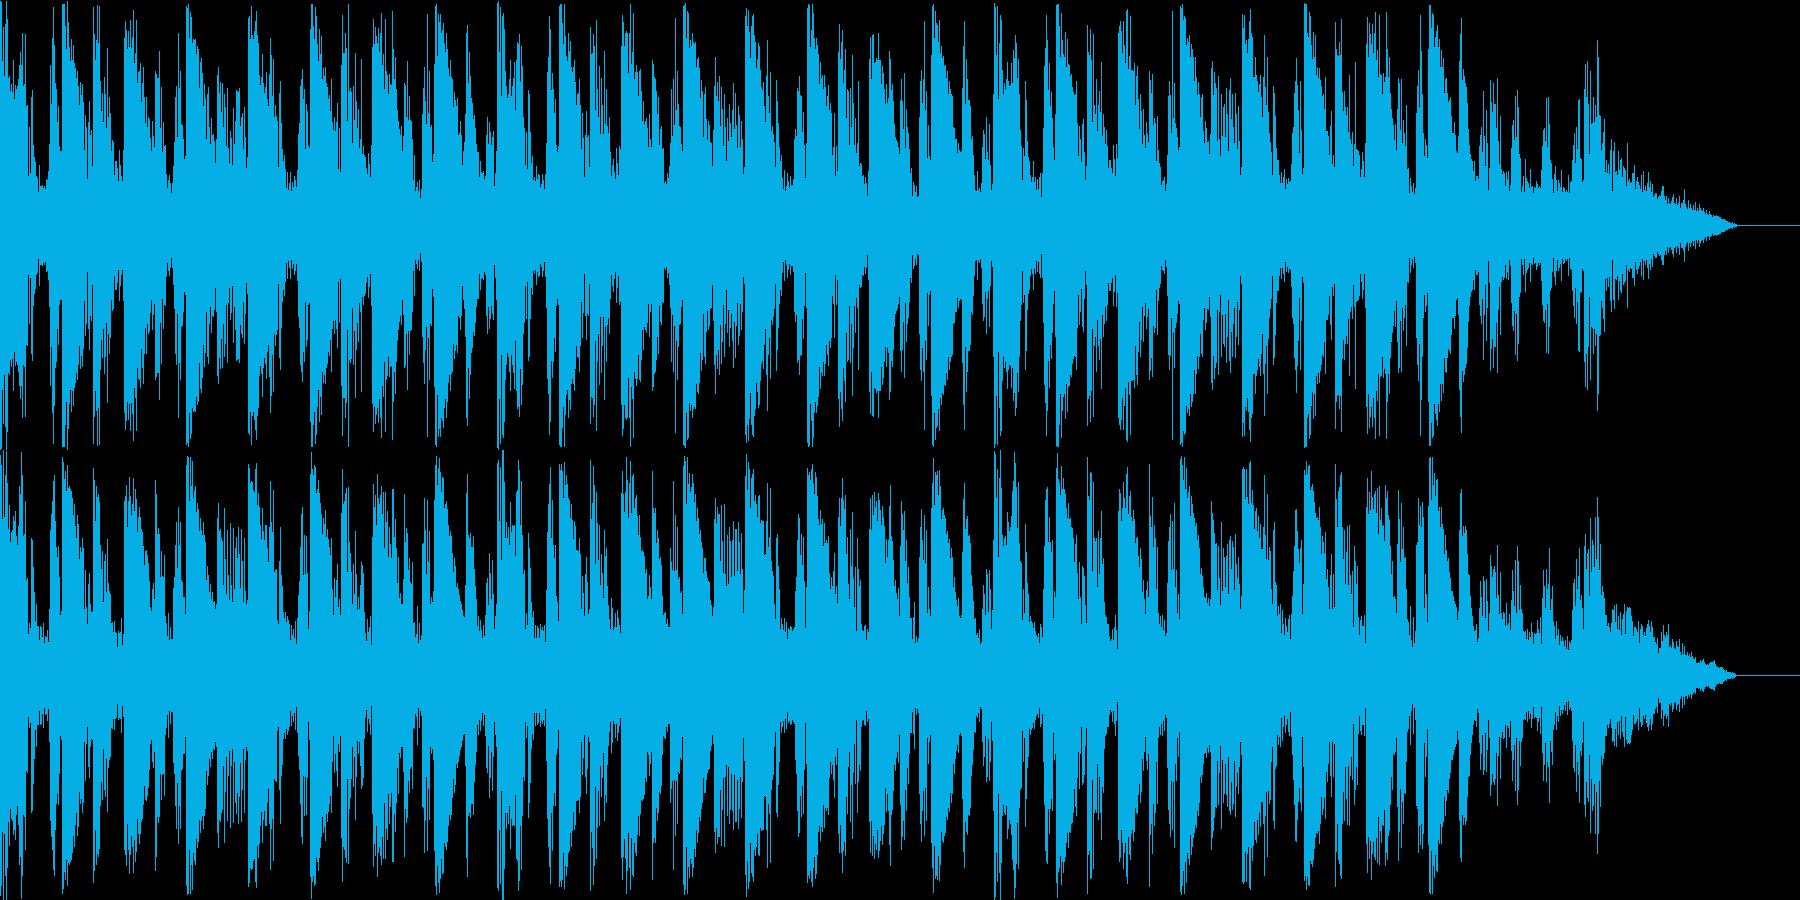 これから始まるイントロBGMの再生済みの波形